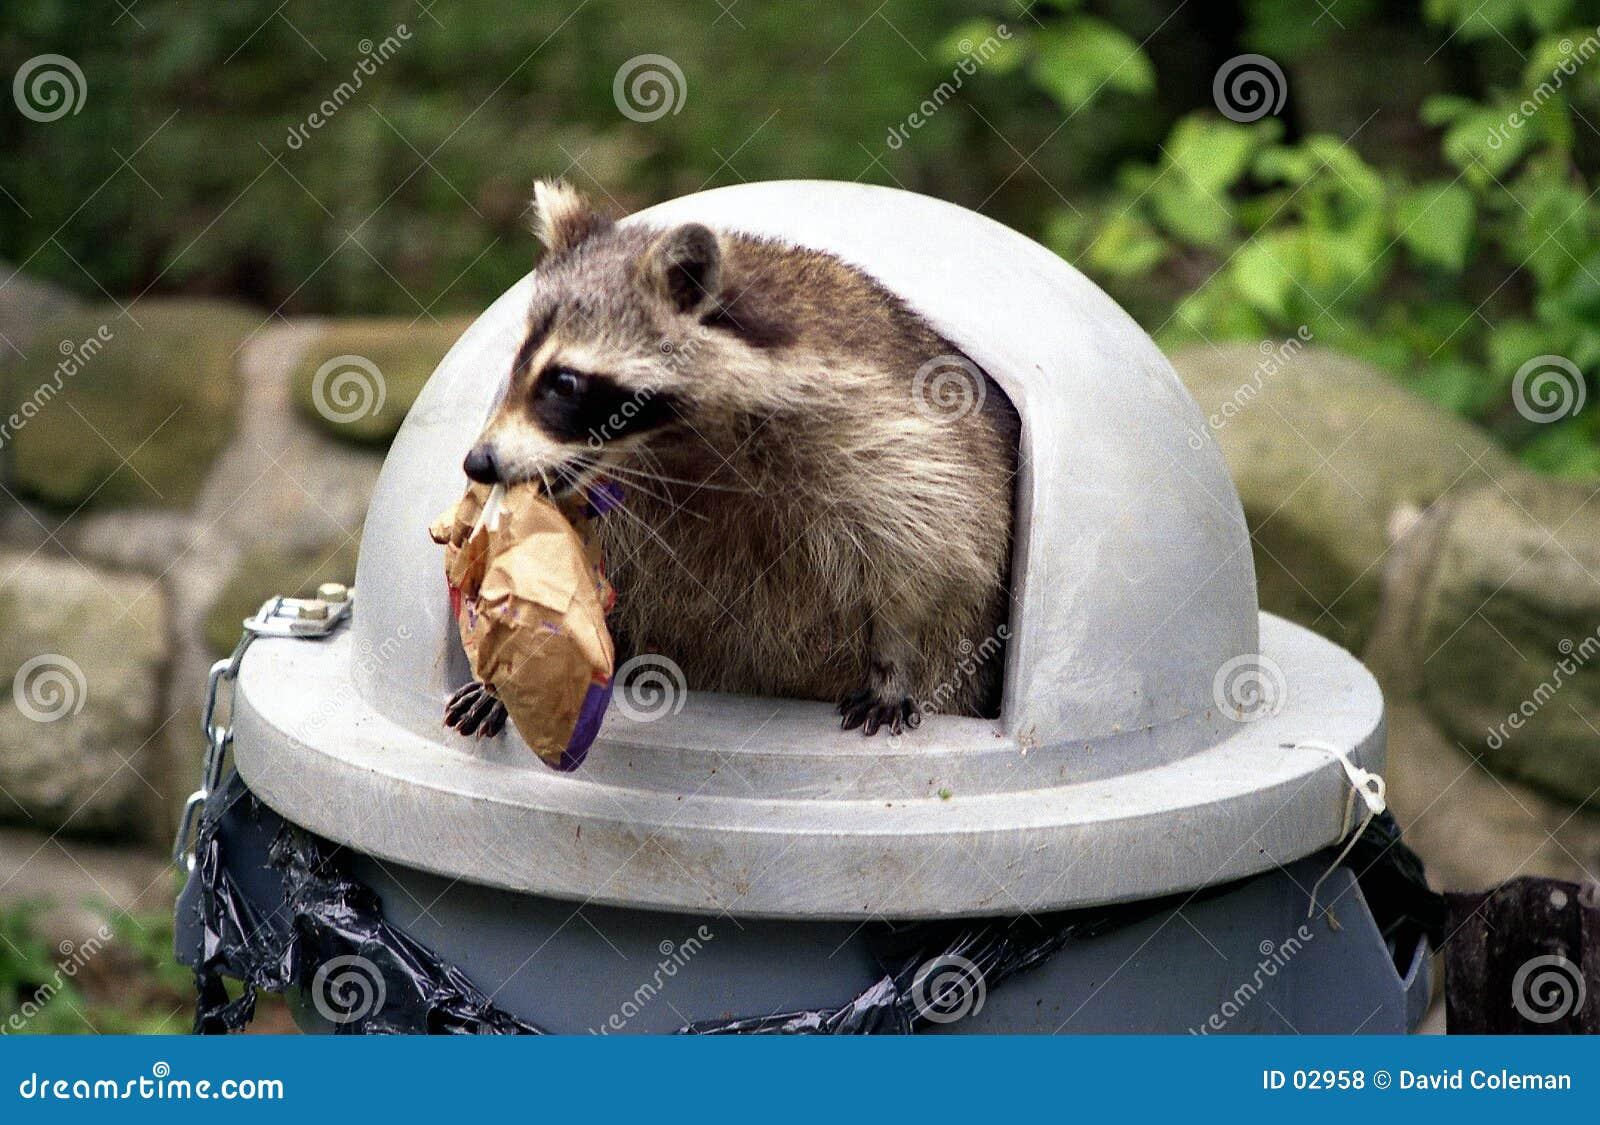 Wasbeer die vuilnisbak overvalt.